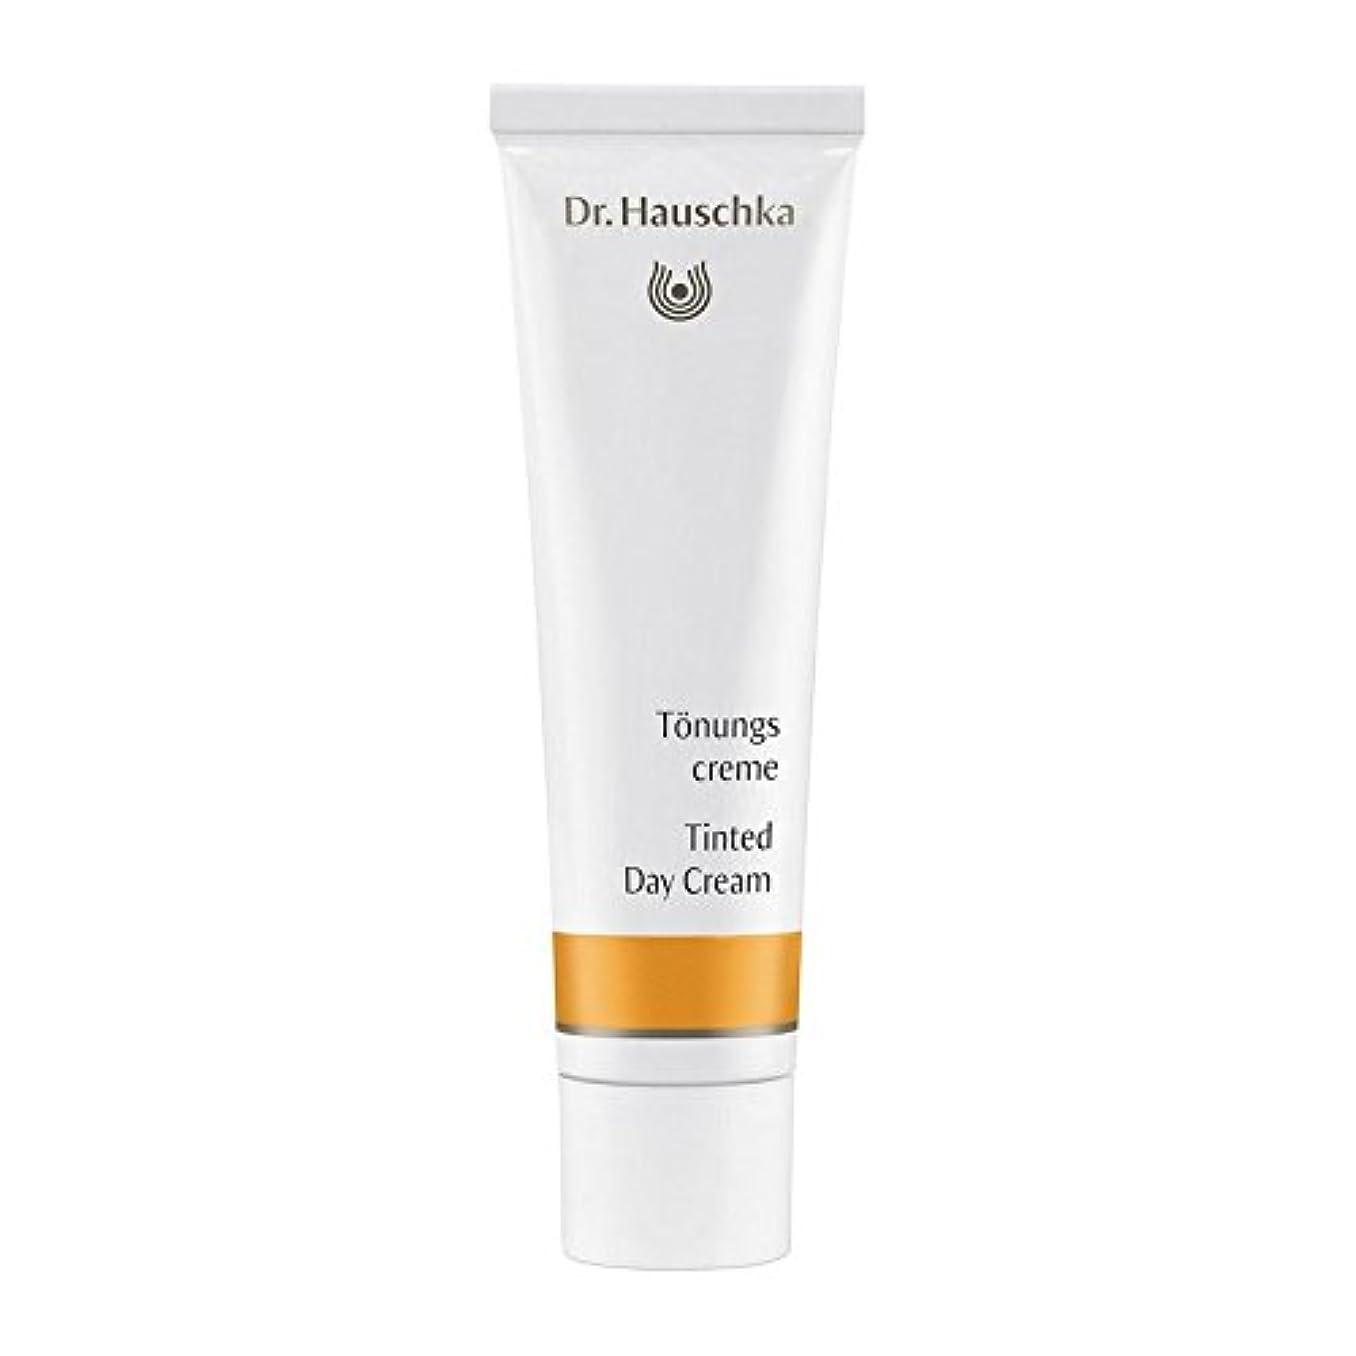 匿名許すこしょうハウシュカ着色デイクリーム30 x4 - Dr. Hauschka Tinted Day Cream 30ml (Pack of 4) [並行輸入品]